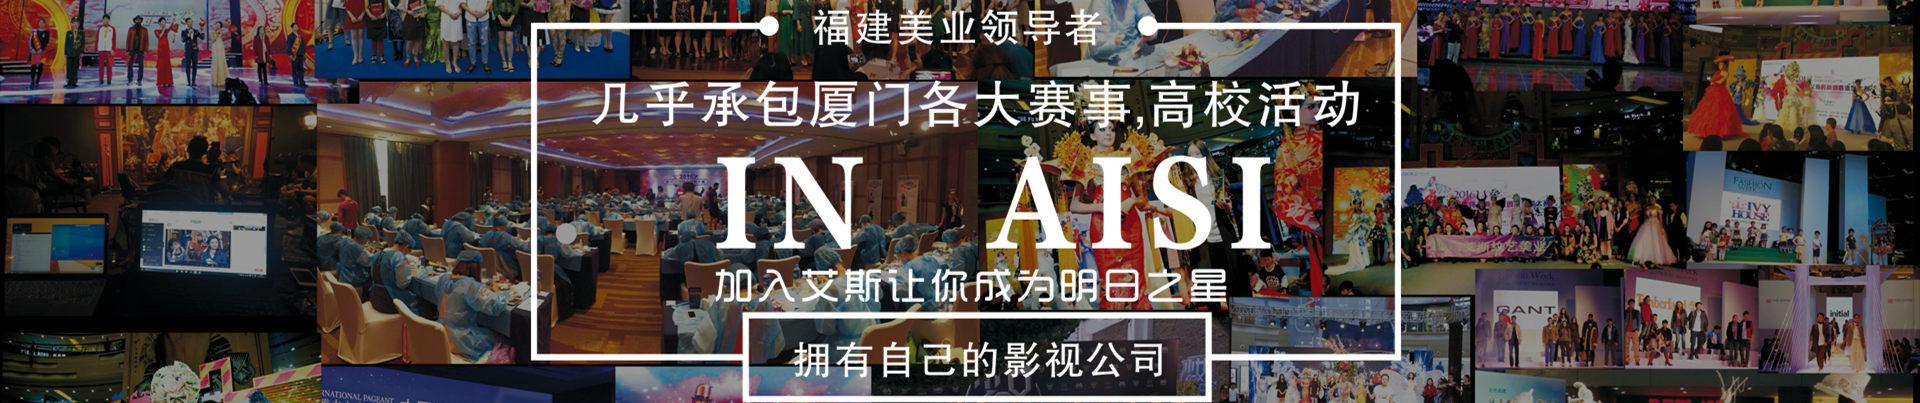 漳州艾斯化妝學校